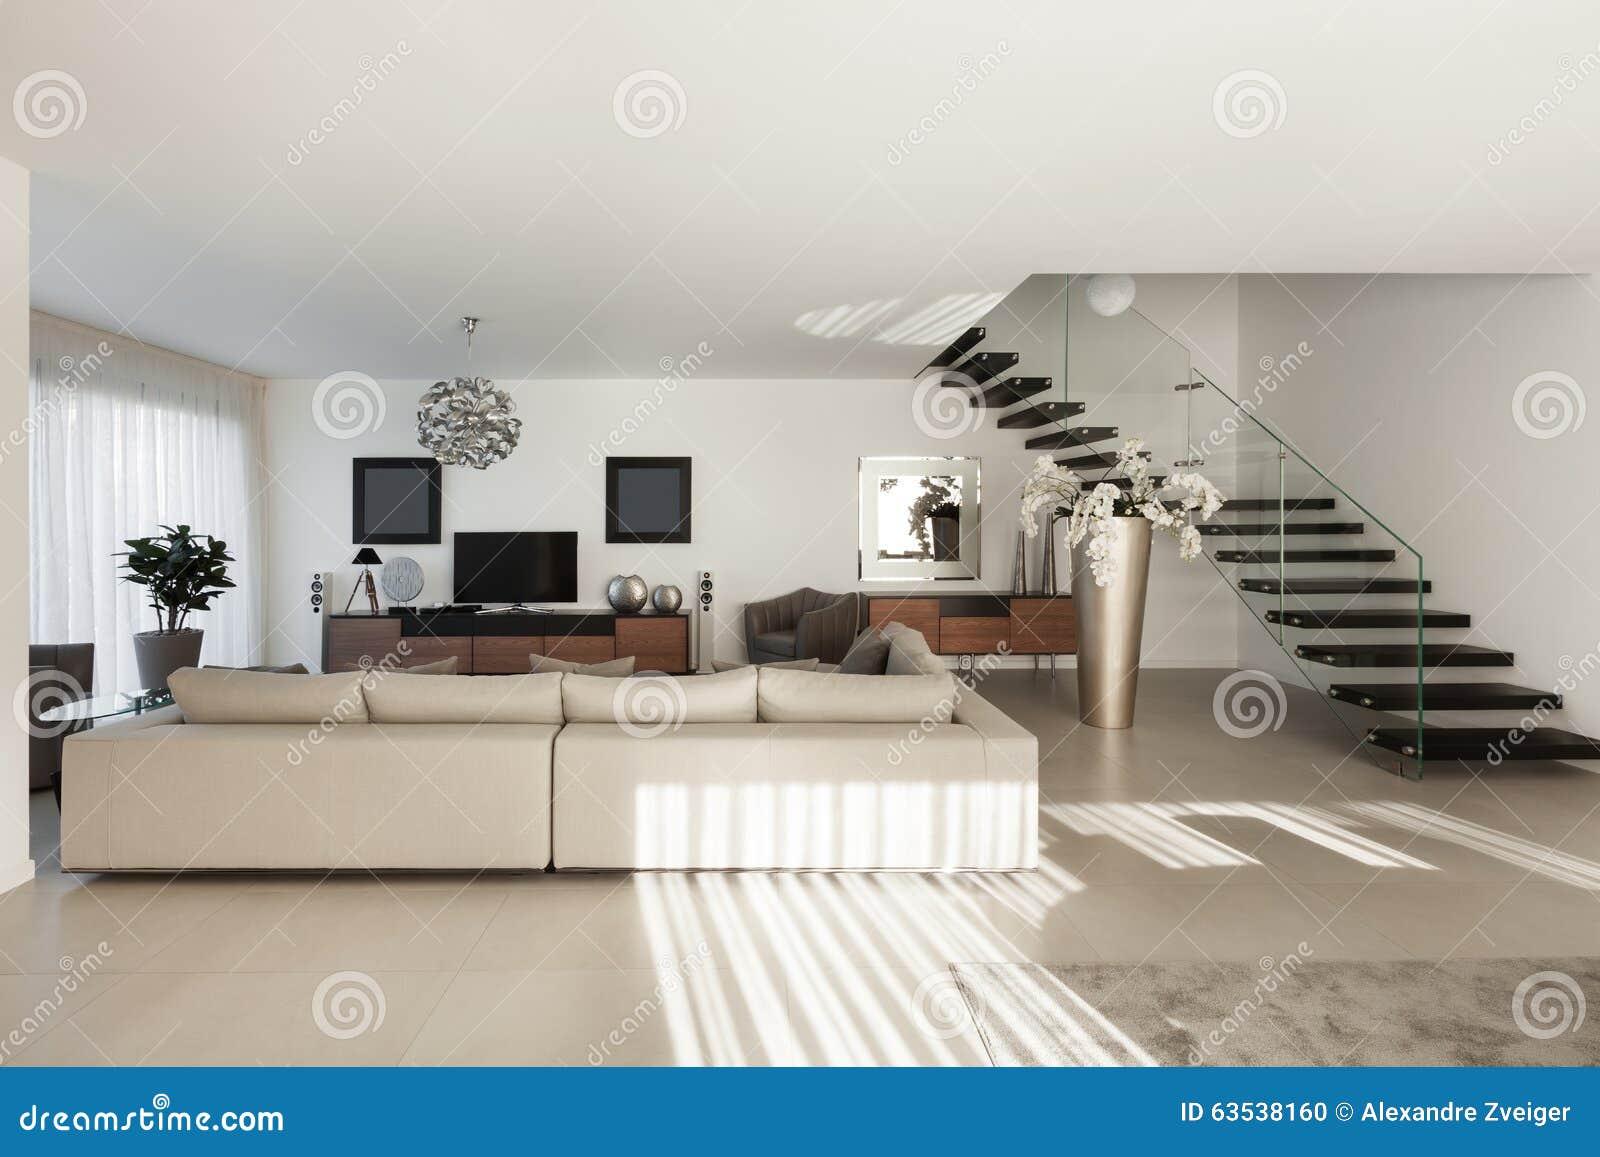 sch ne wohnung innen stockfoto bild von auslegung wohnung 63538160. Black Bedroom Furniture Sets. Home Design Ideas